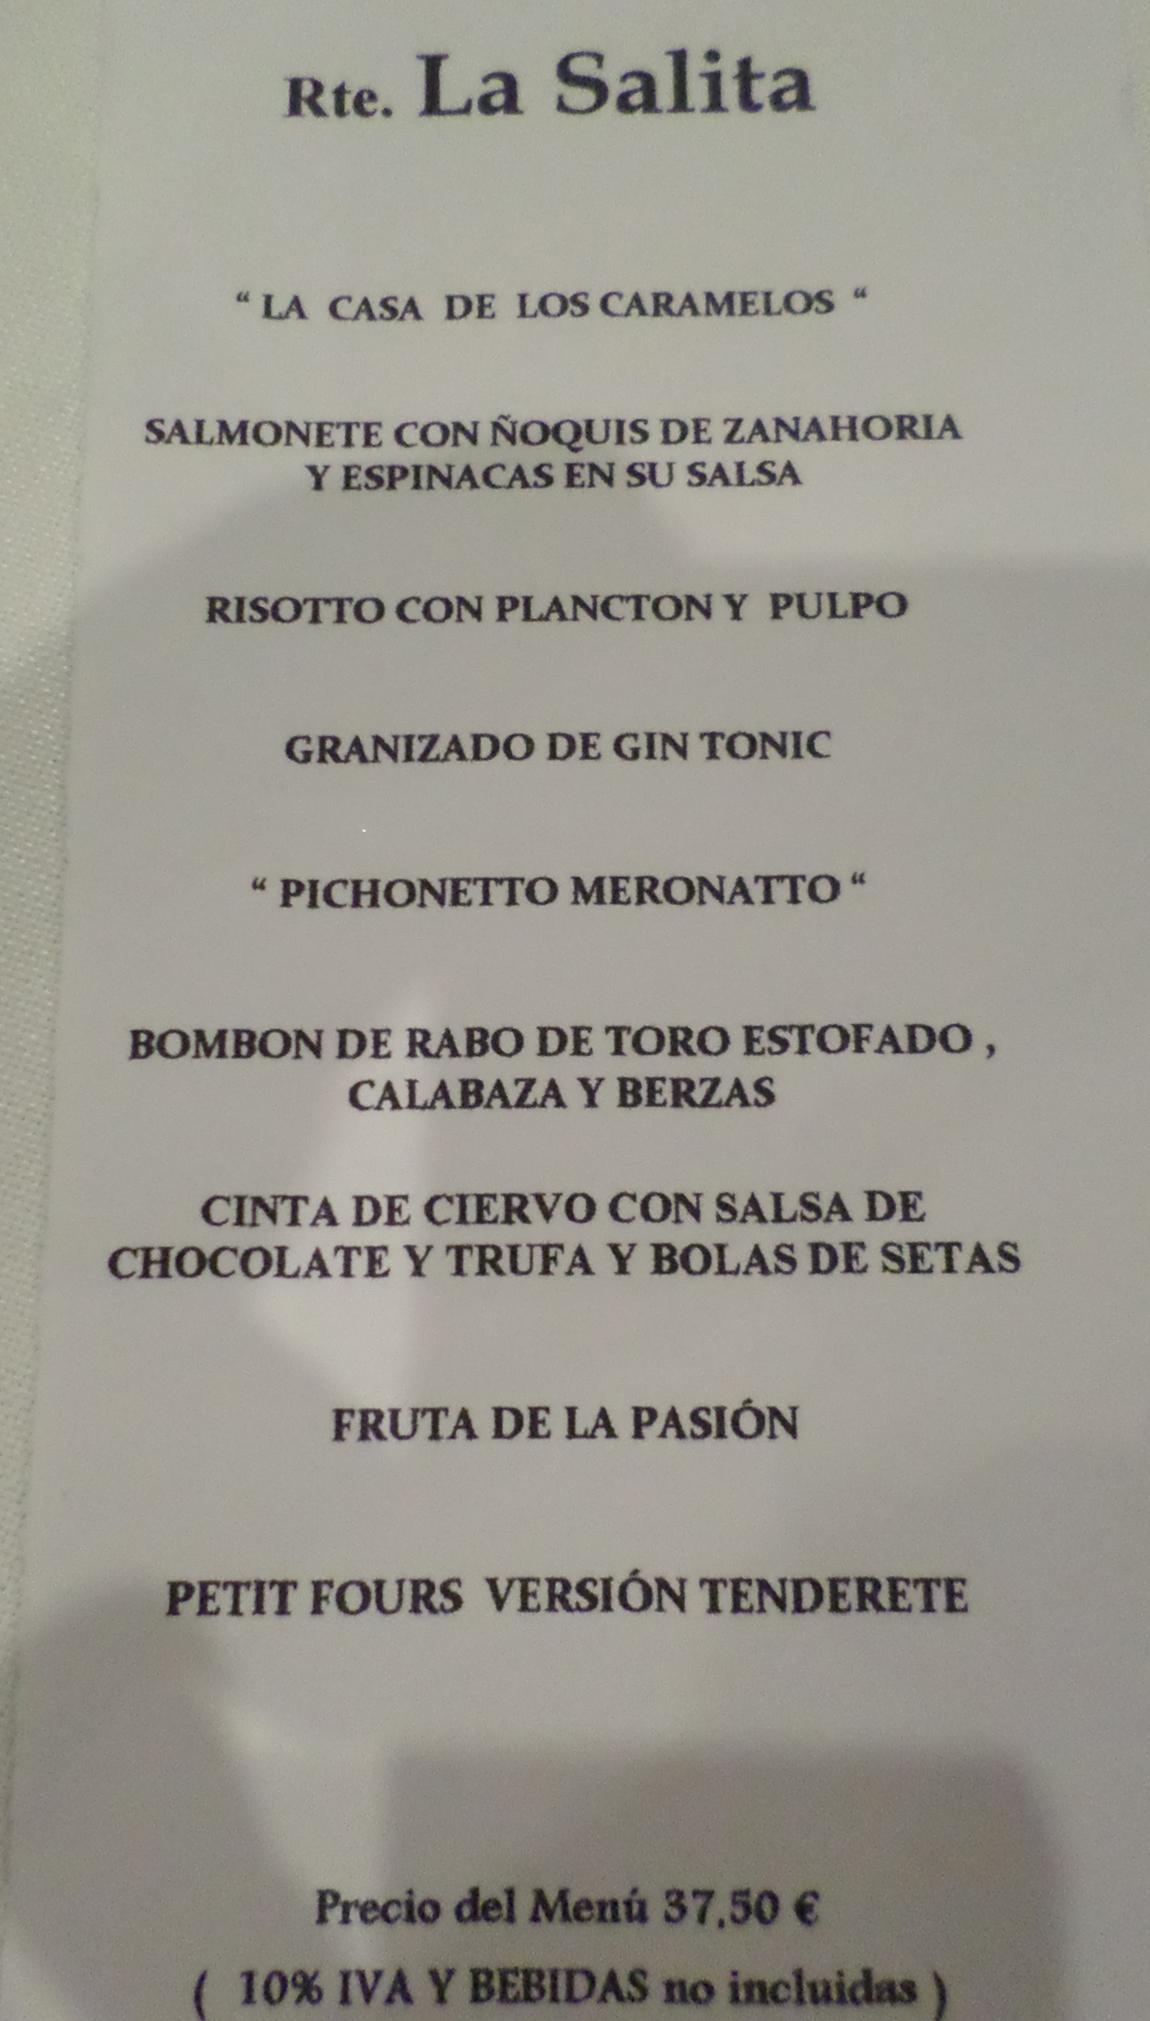 Aurelio_Gómez-Miranda_bloG-M_Restaurante_La_Salita_Menú_Gastronómico_15.11.13